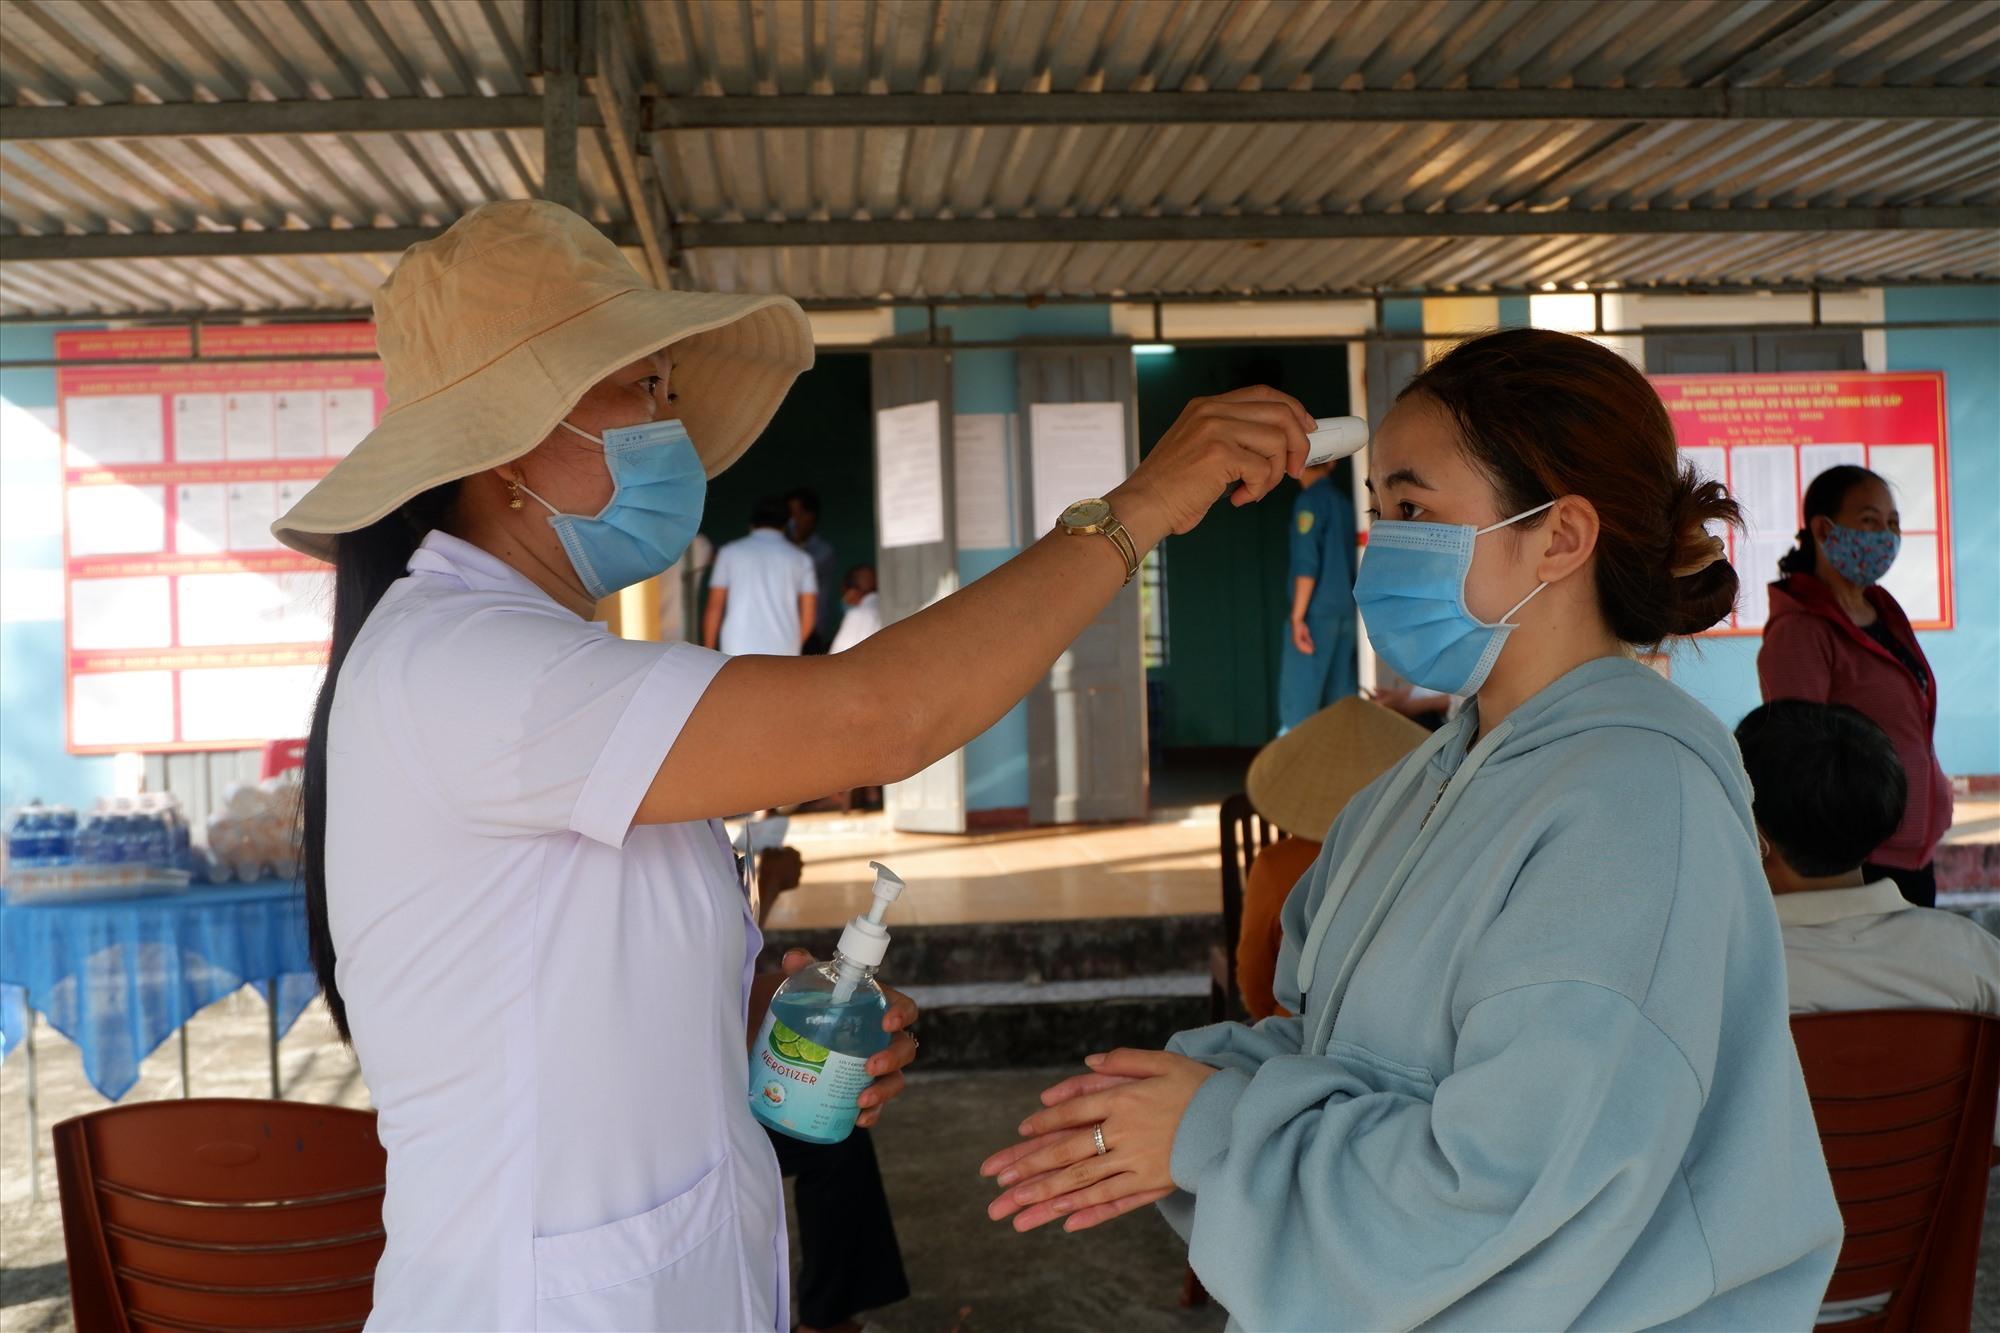 Quảng Nam tăng cường kiểm soát, giám sát chặt chẽ người về địa phương. Ảnh: X.H